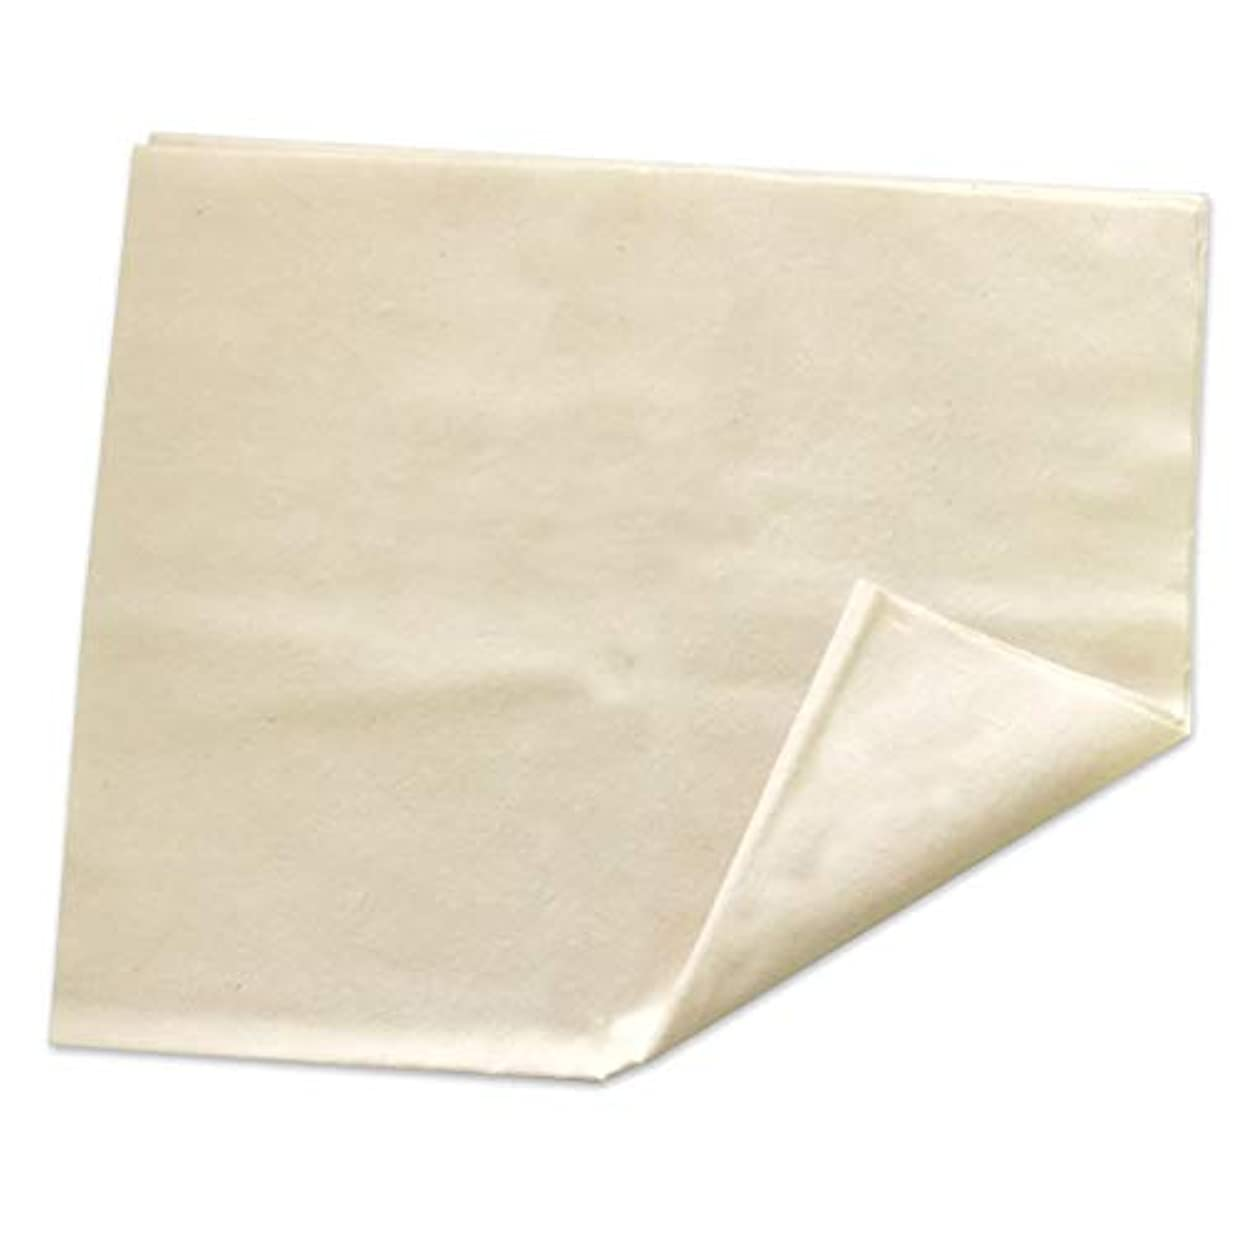 敏感な特権絶対のコットンフランネル (コットンネル生地、綿100%、ヒマシ油パック、パック、ひまし油パック)